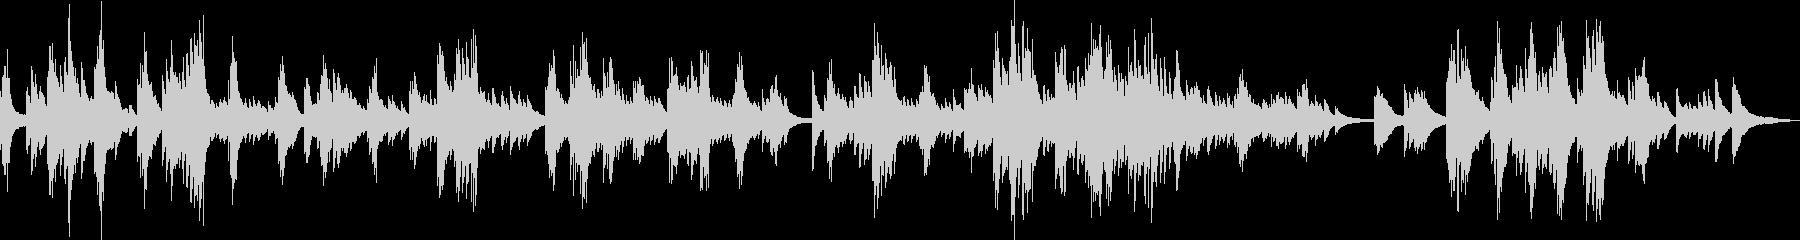 悲しいピアノバラード(切ない・暗い)の未再生の波形